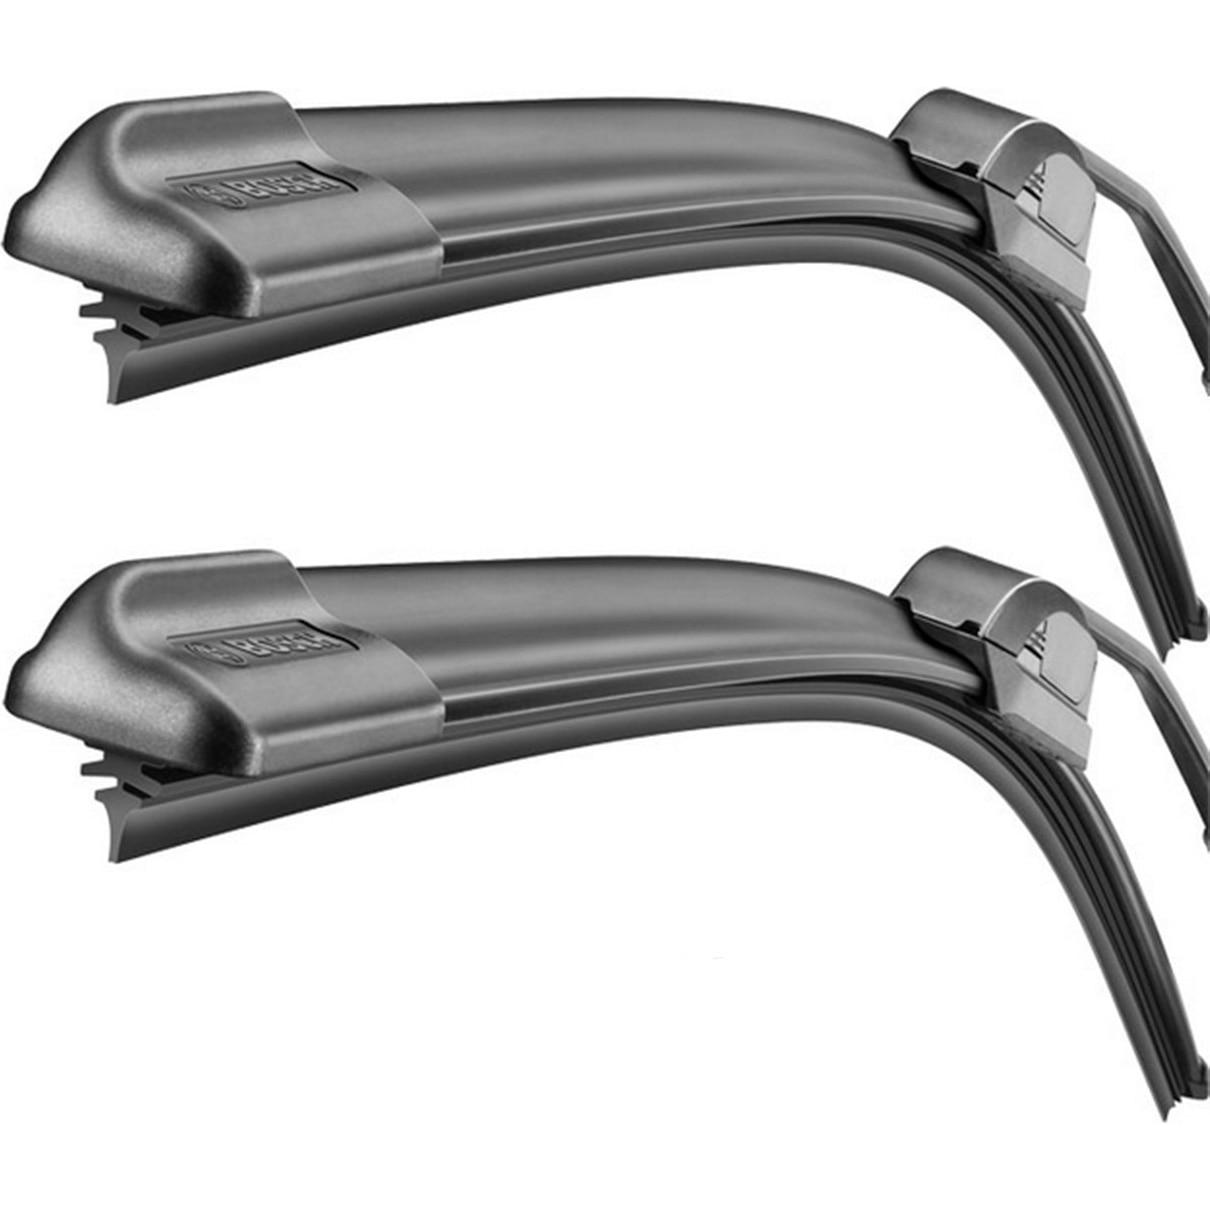 Fotografie Set stergatoare Bosch AeroTwin Retrofit, pentru parbriz 60 cm si 55 cm, pentru prindere clasica (carlig)